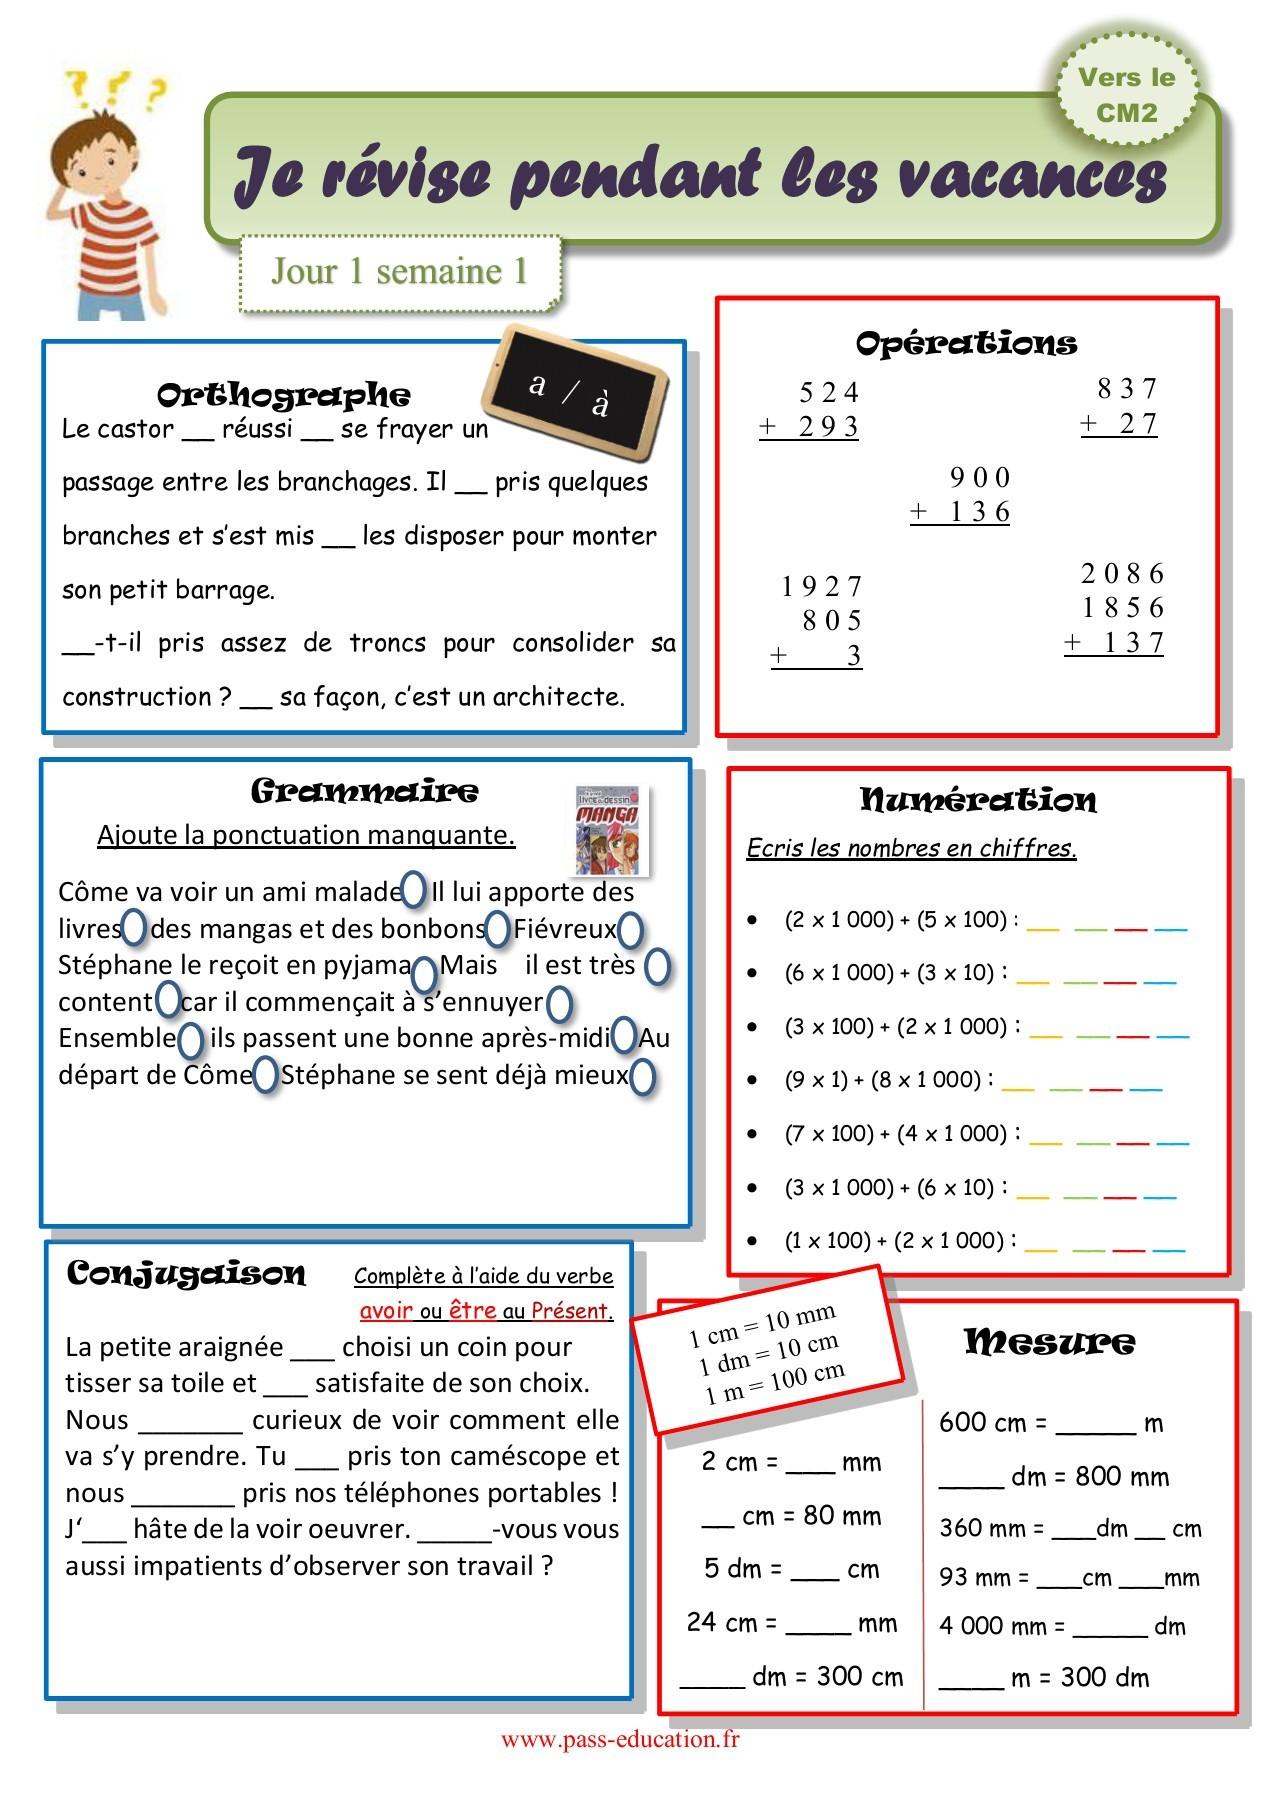 Cahier De Vacances Gratuit À Imprimer - Cm1 Vers Le Cm2 tout Cahier De Vacances À Imprimer